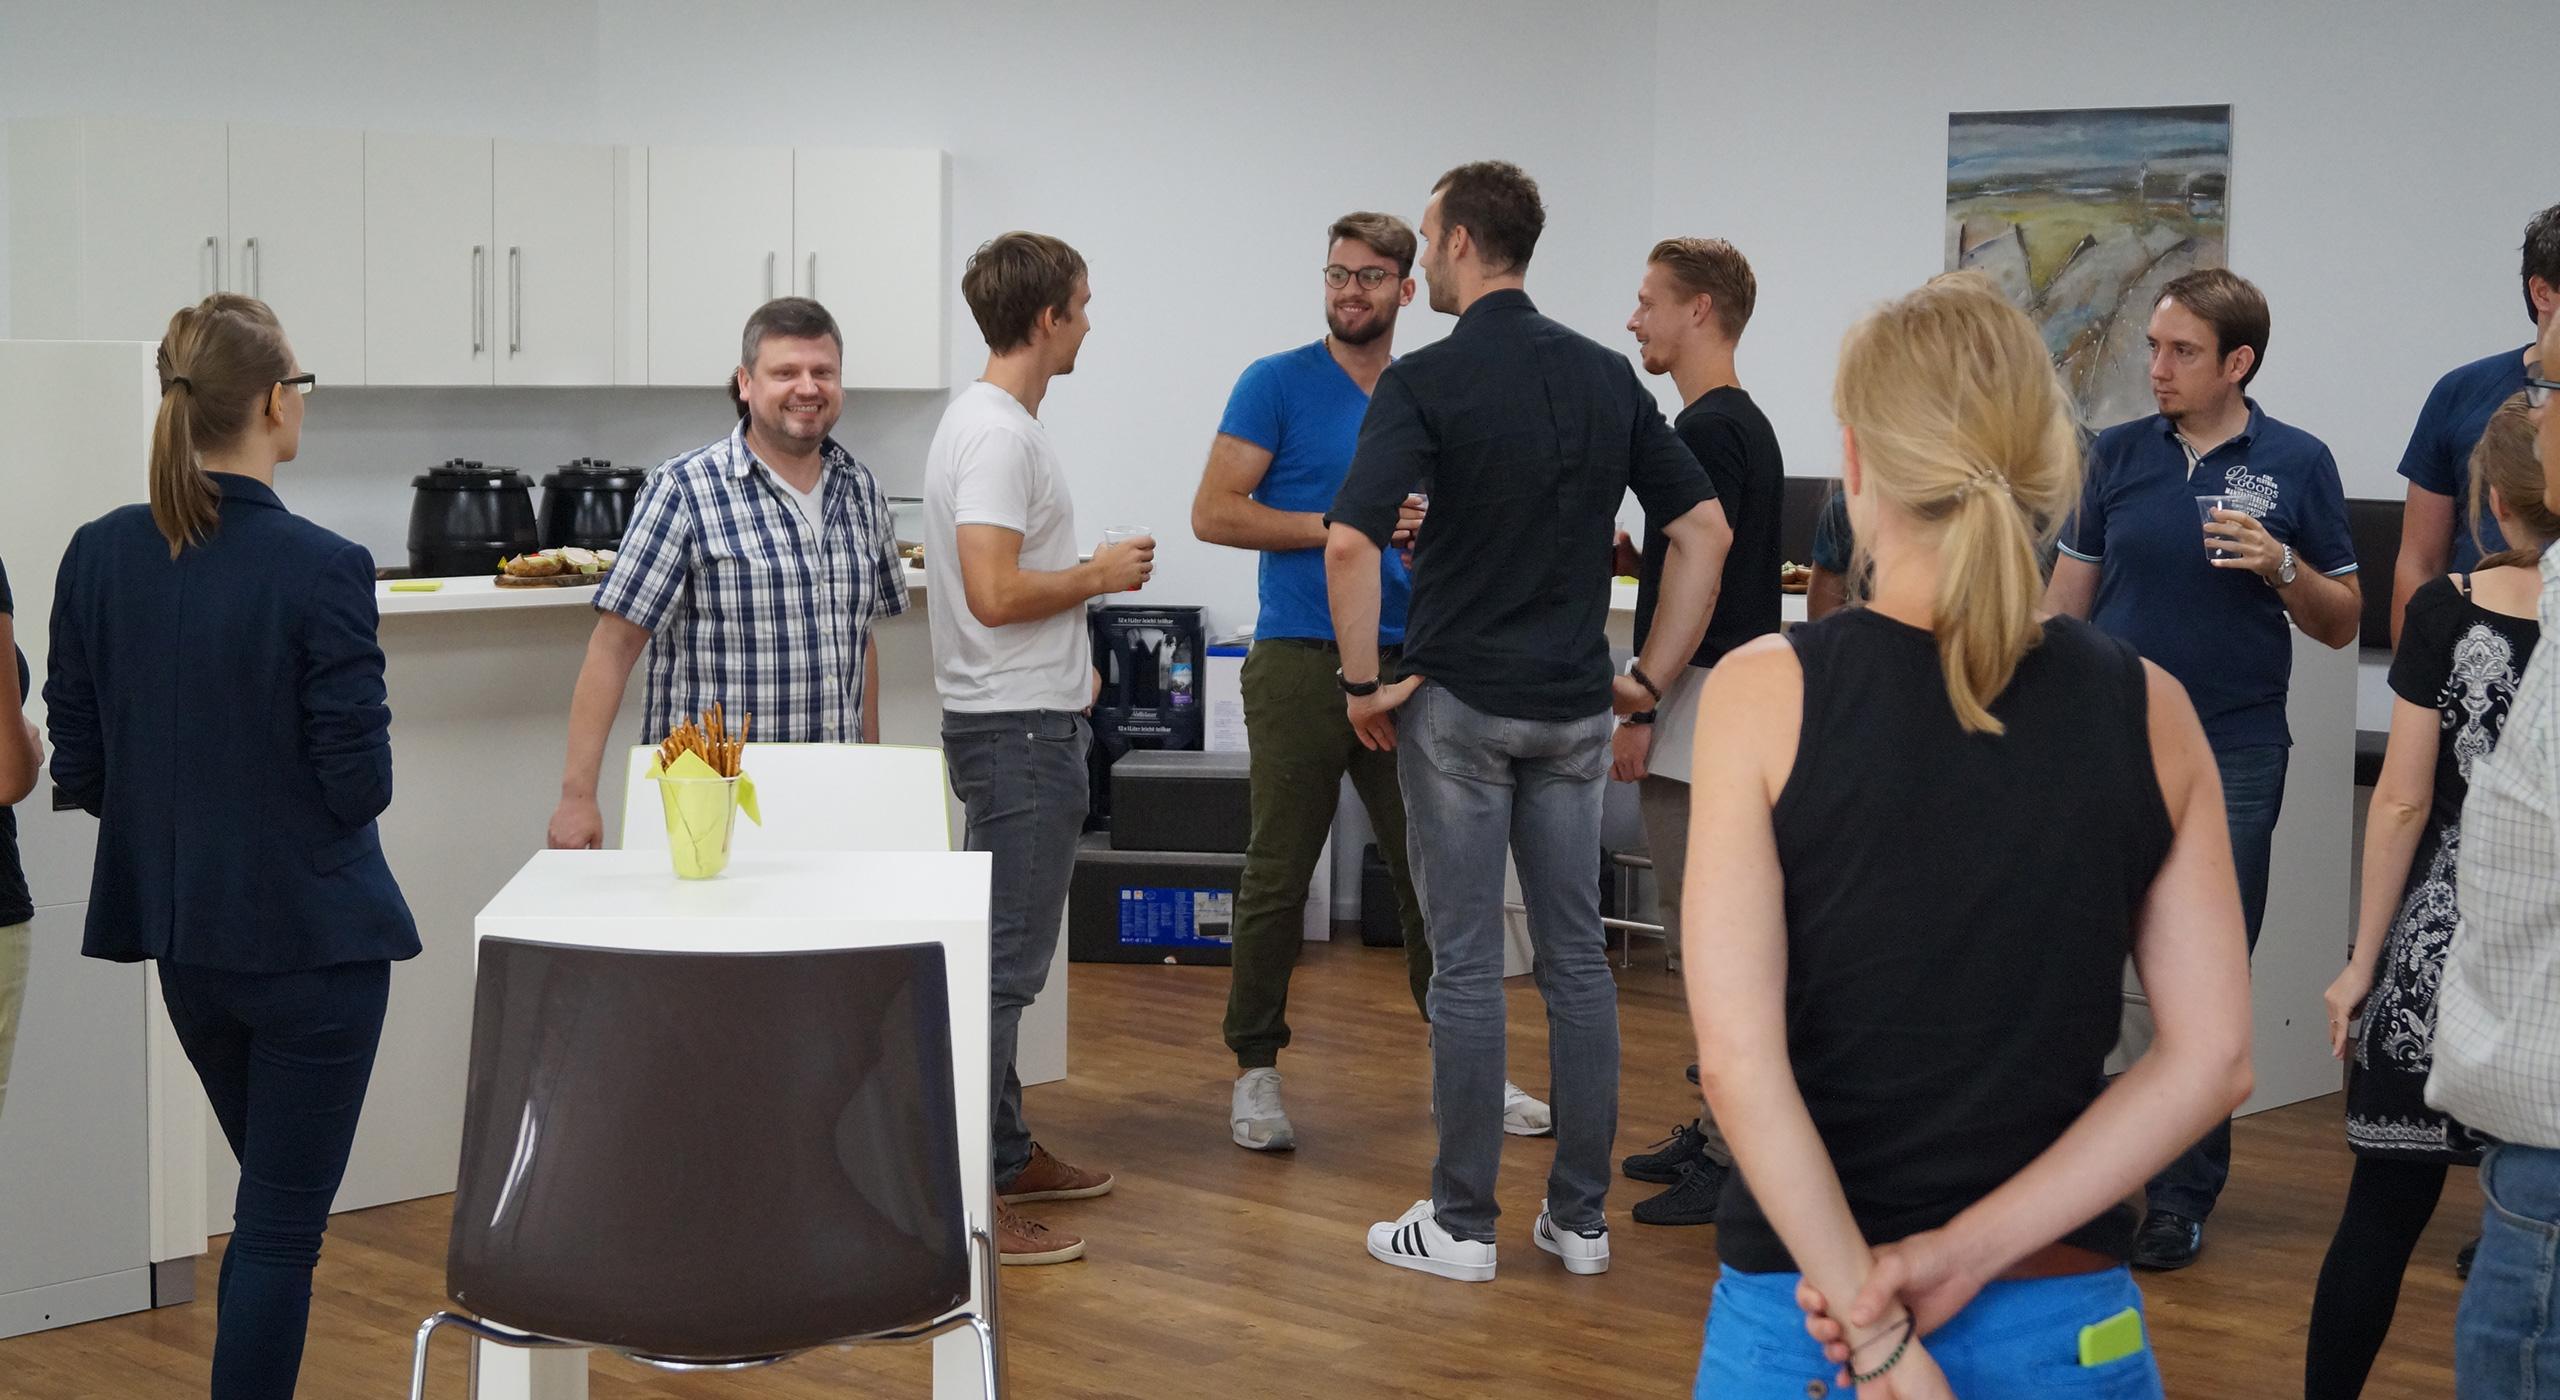 Versammlung von Personen in Mensa